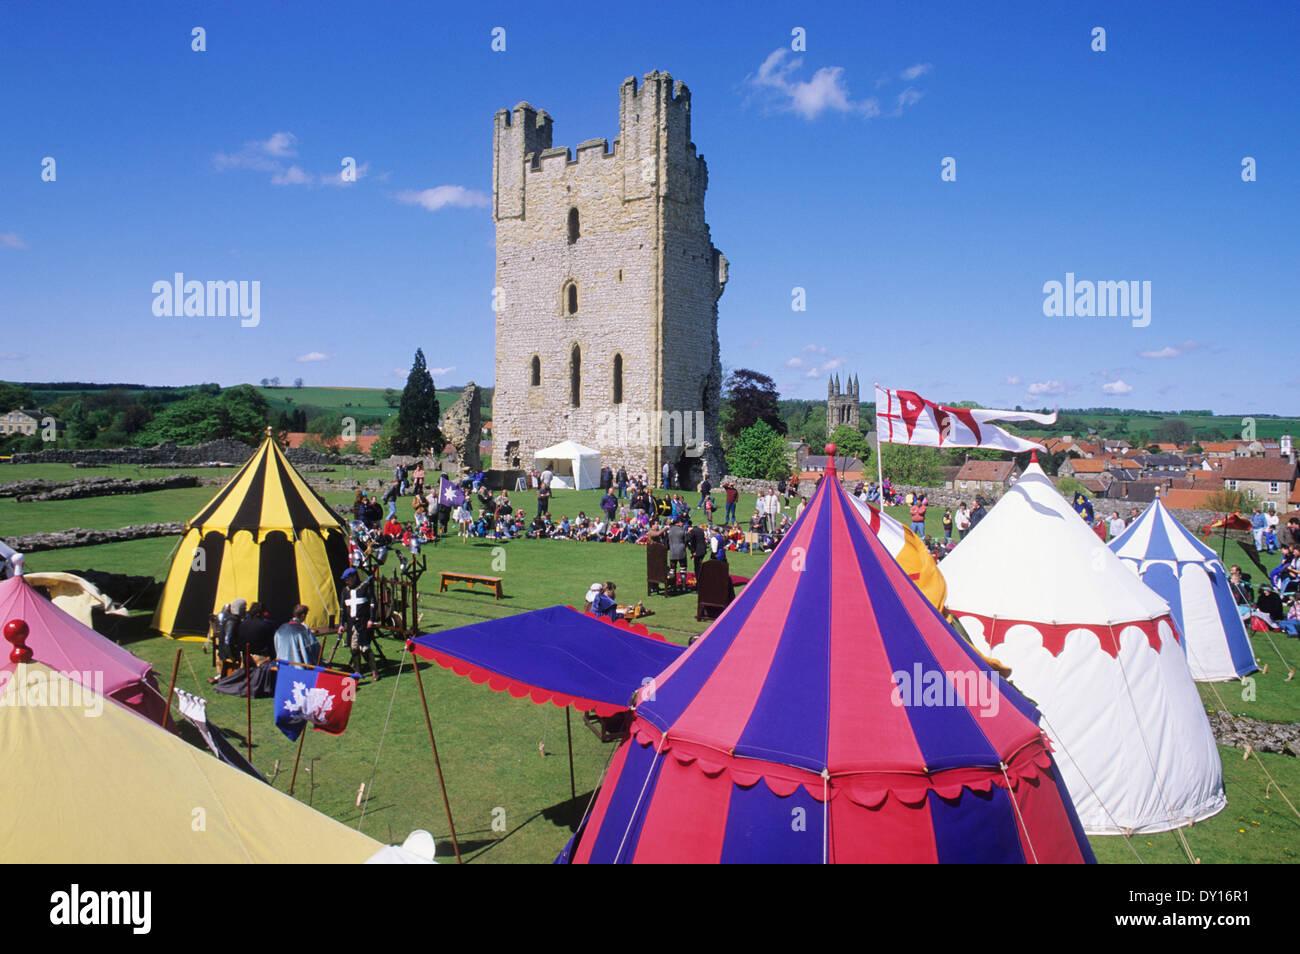 El Helmsley castillo medieval, la recreación histórica, acuartelamiento Yorkshire, Inglaterra Imagen De Stock